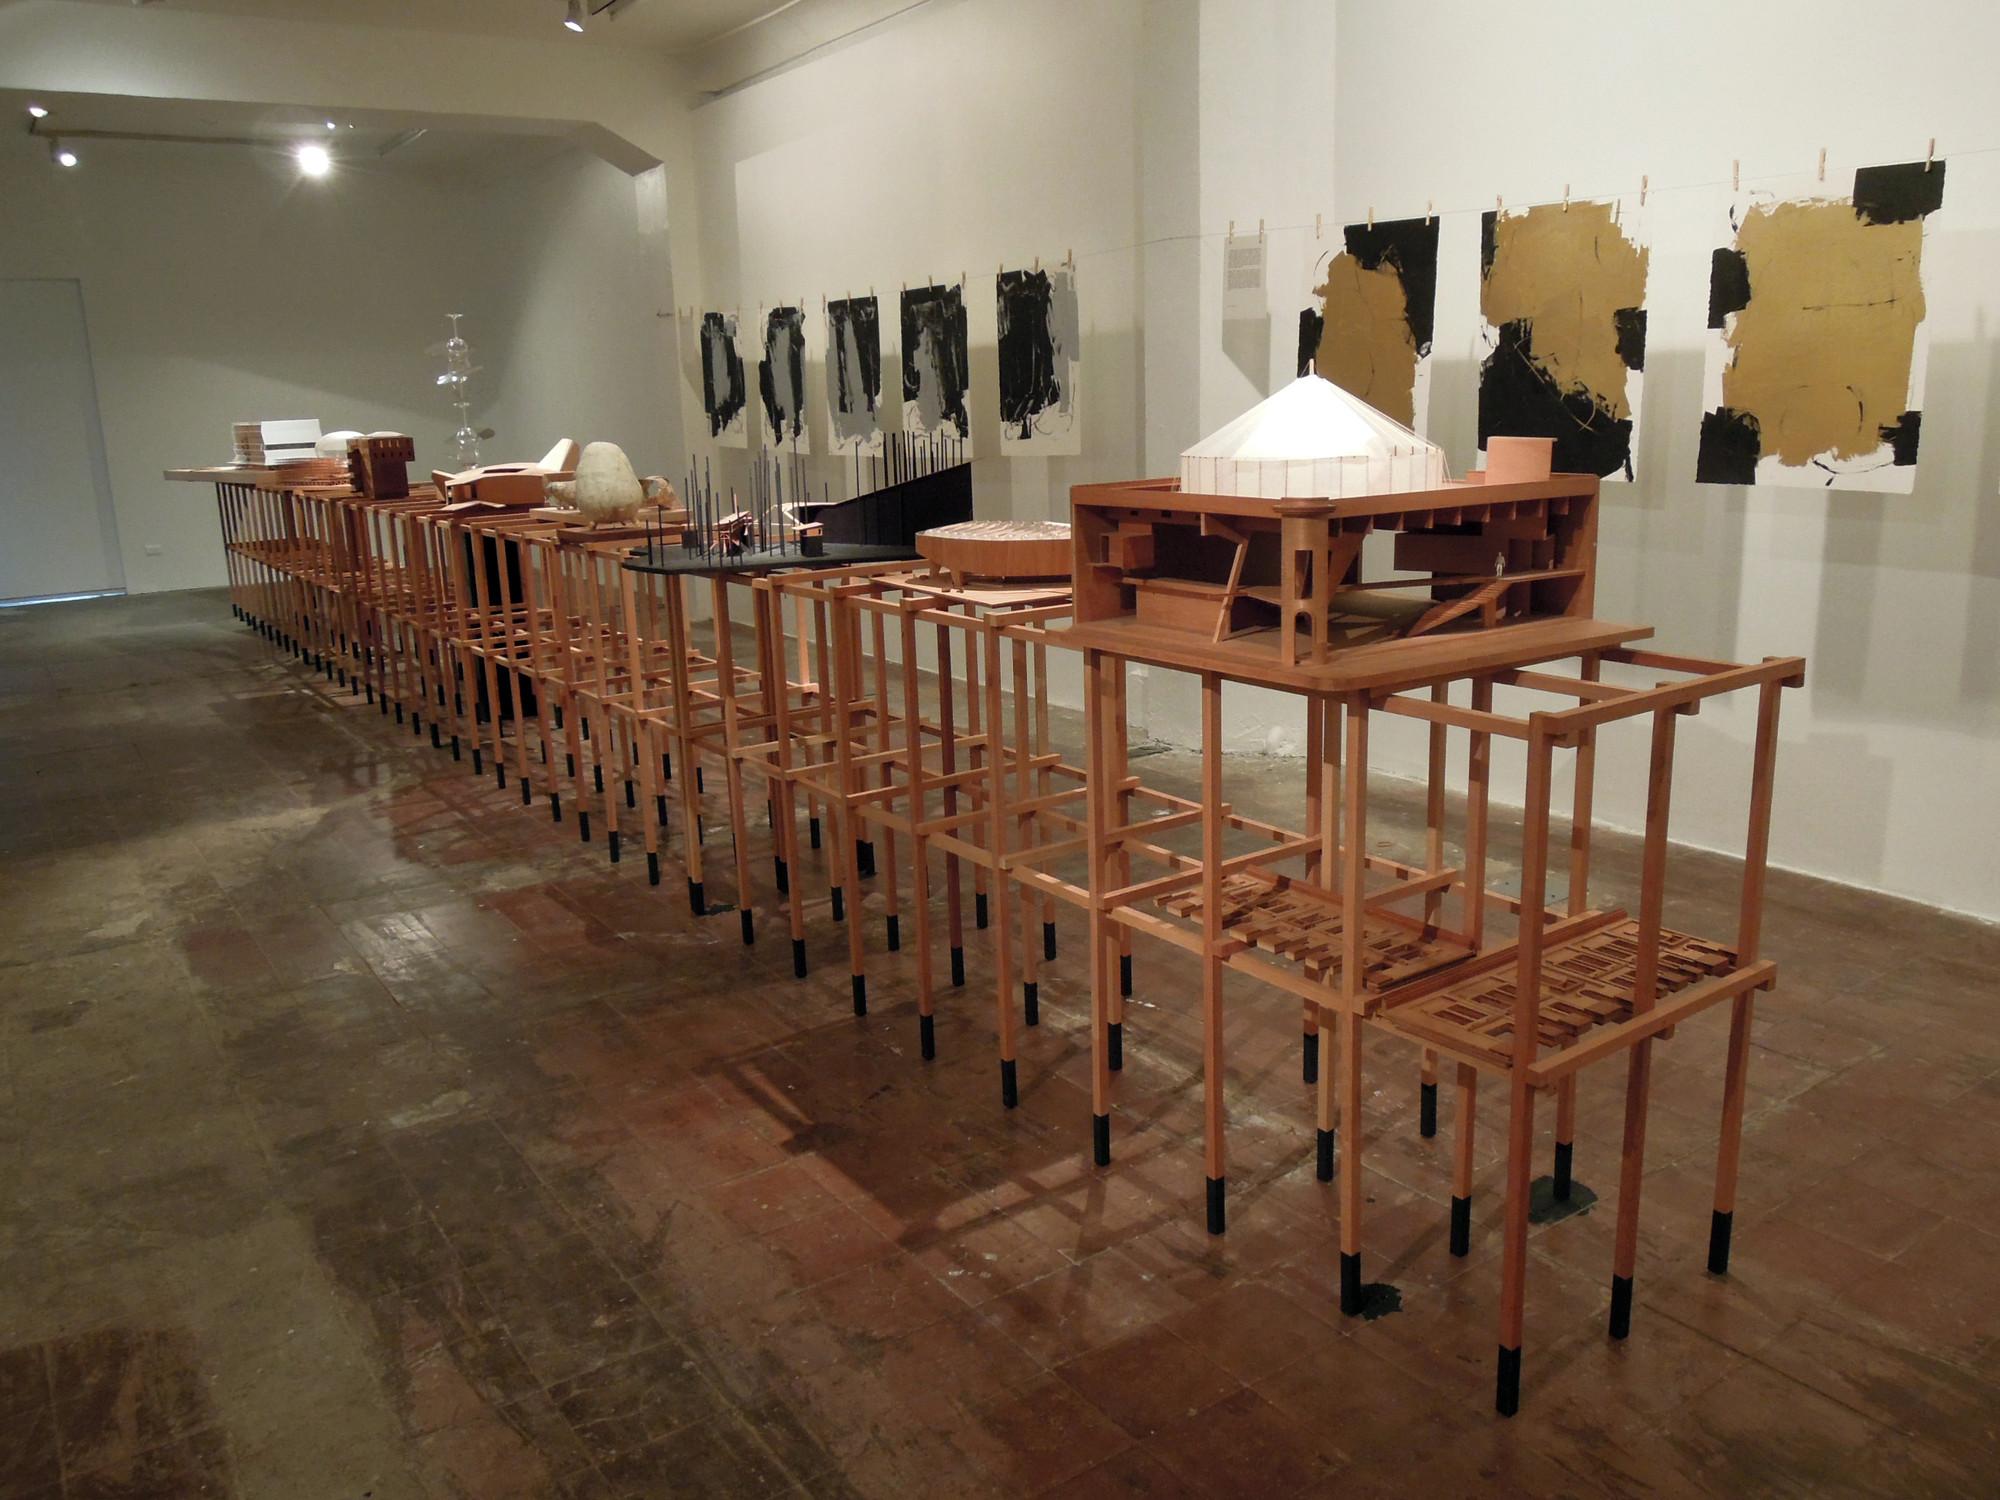 """Exposición """"Ilustraciones"""" de Smiljan Radic + Alejandro Lüer , Courtesy of Javiera González Zarzar"""